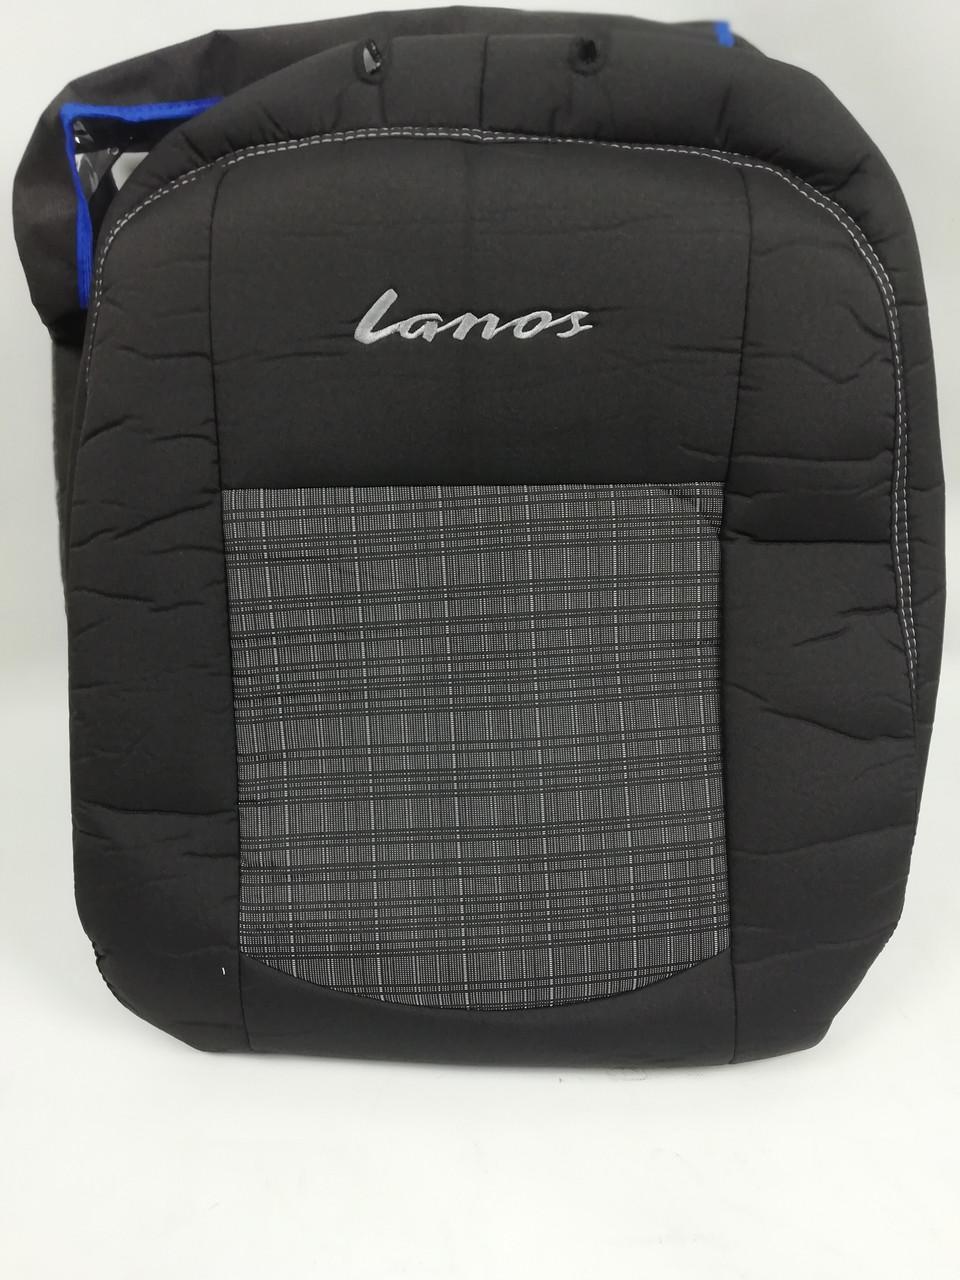 Автомобильные чехлы на Daewoo Lanos / Sens из авто ткани.